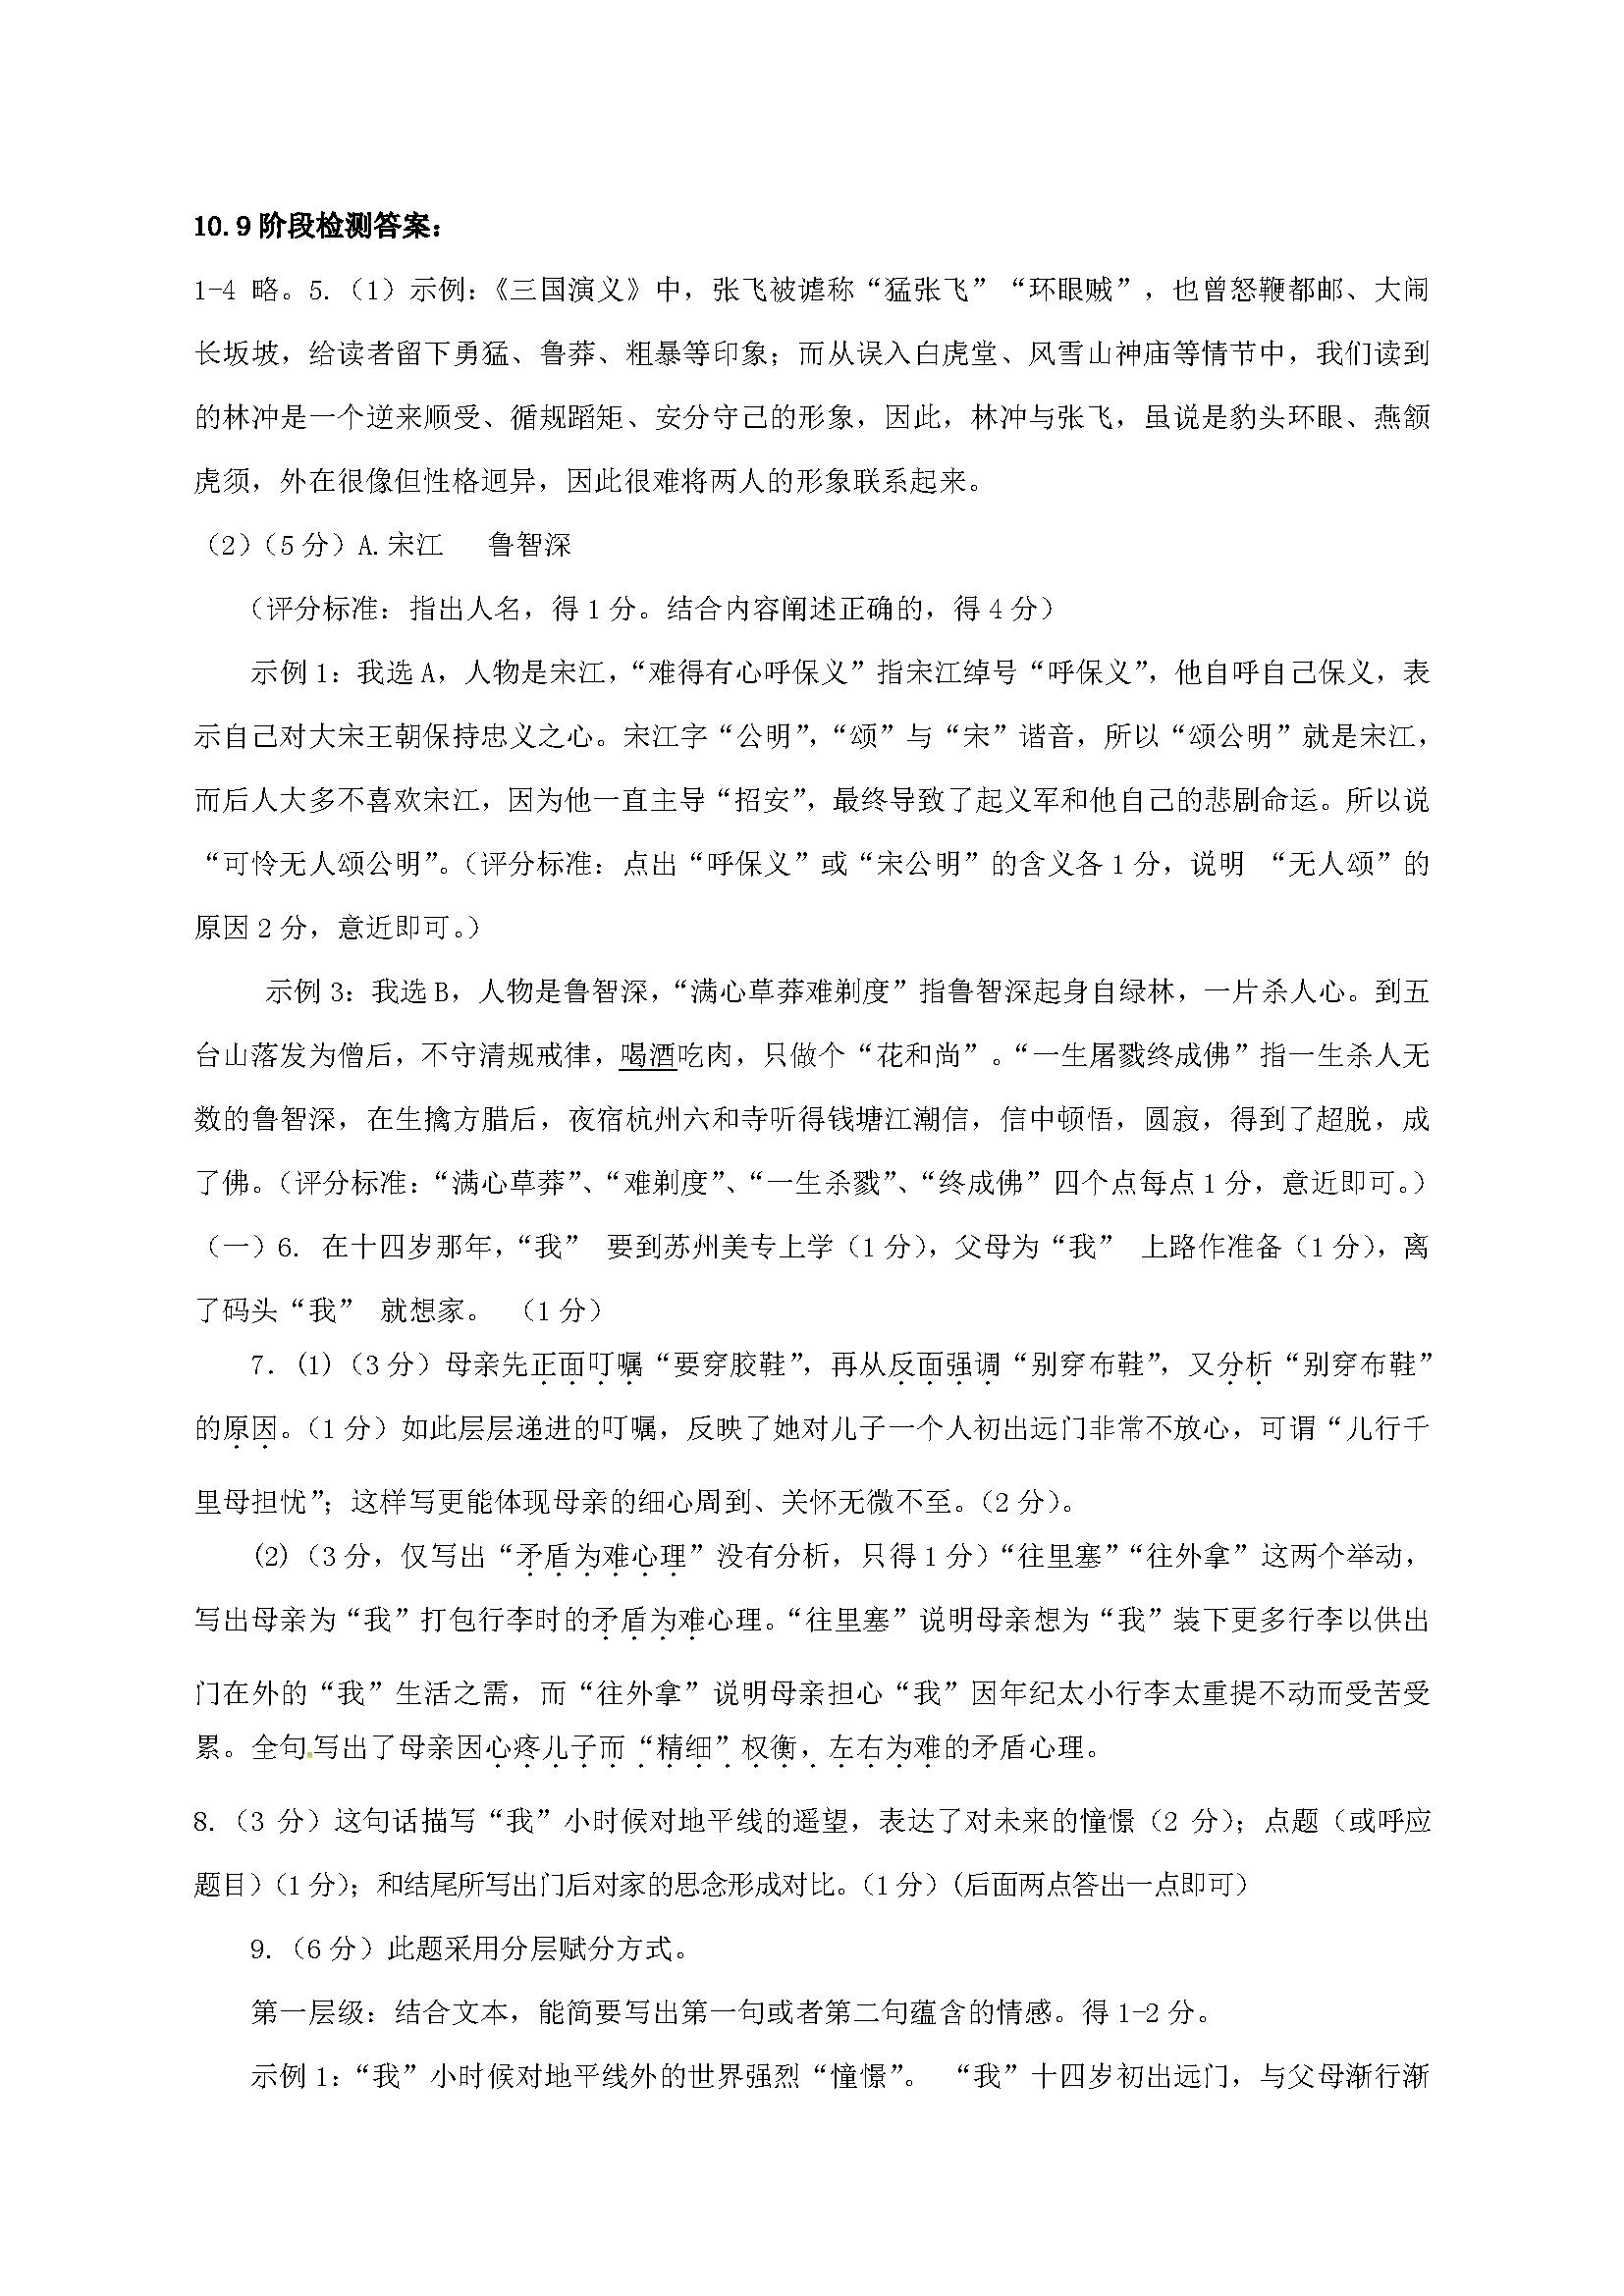 浙江义乌绣湖中学2018九年级10月阶段检测语文试题答案(Word版)